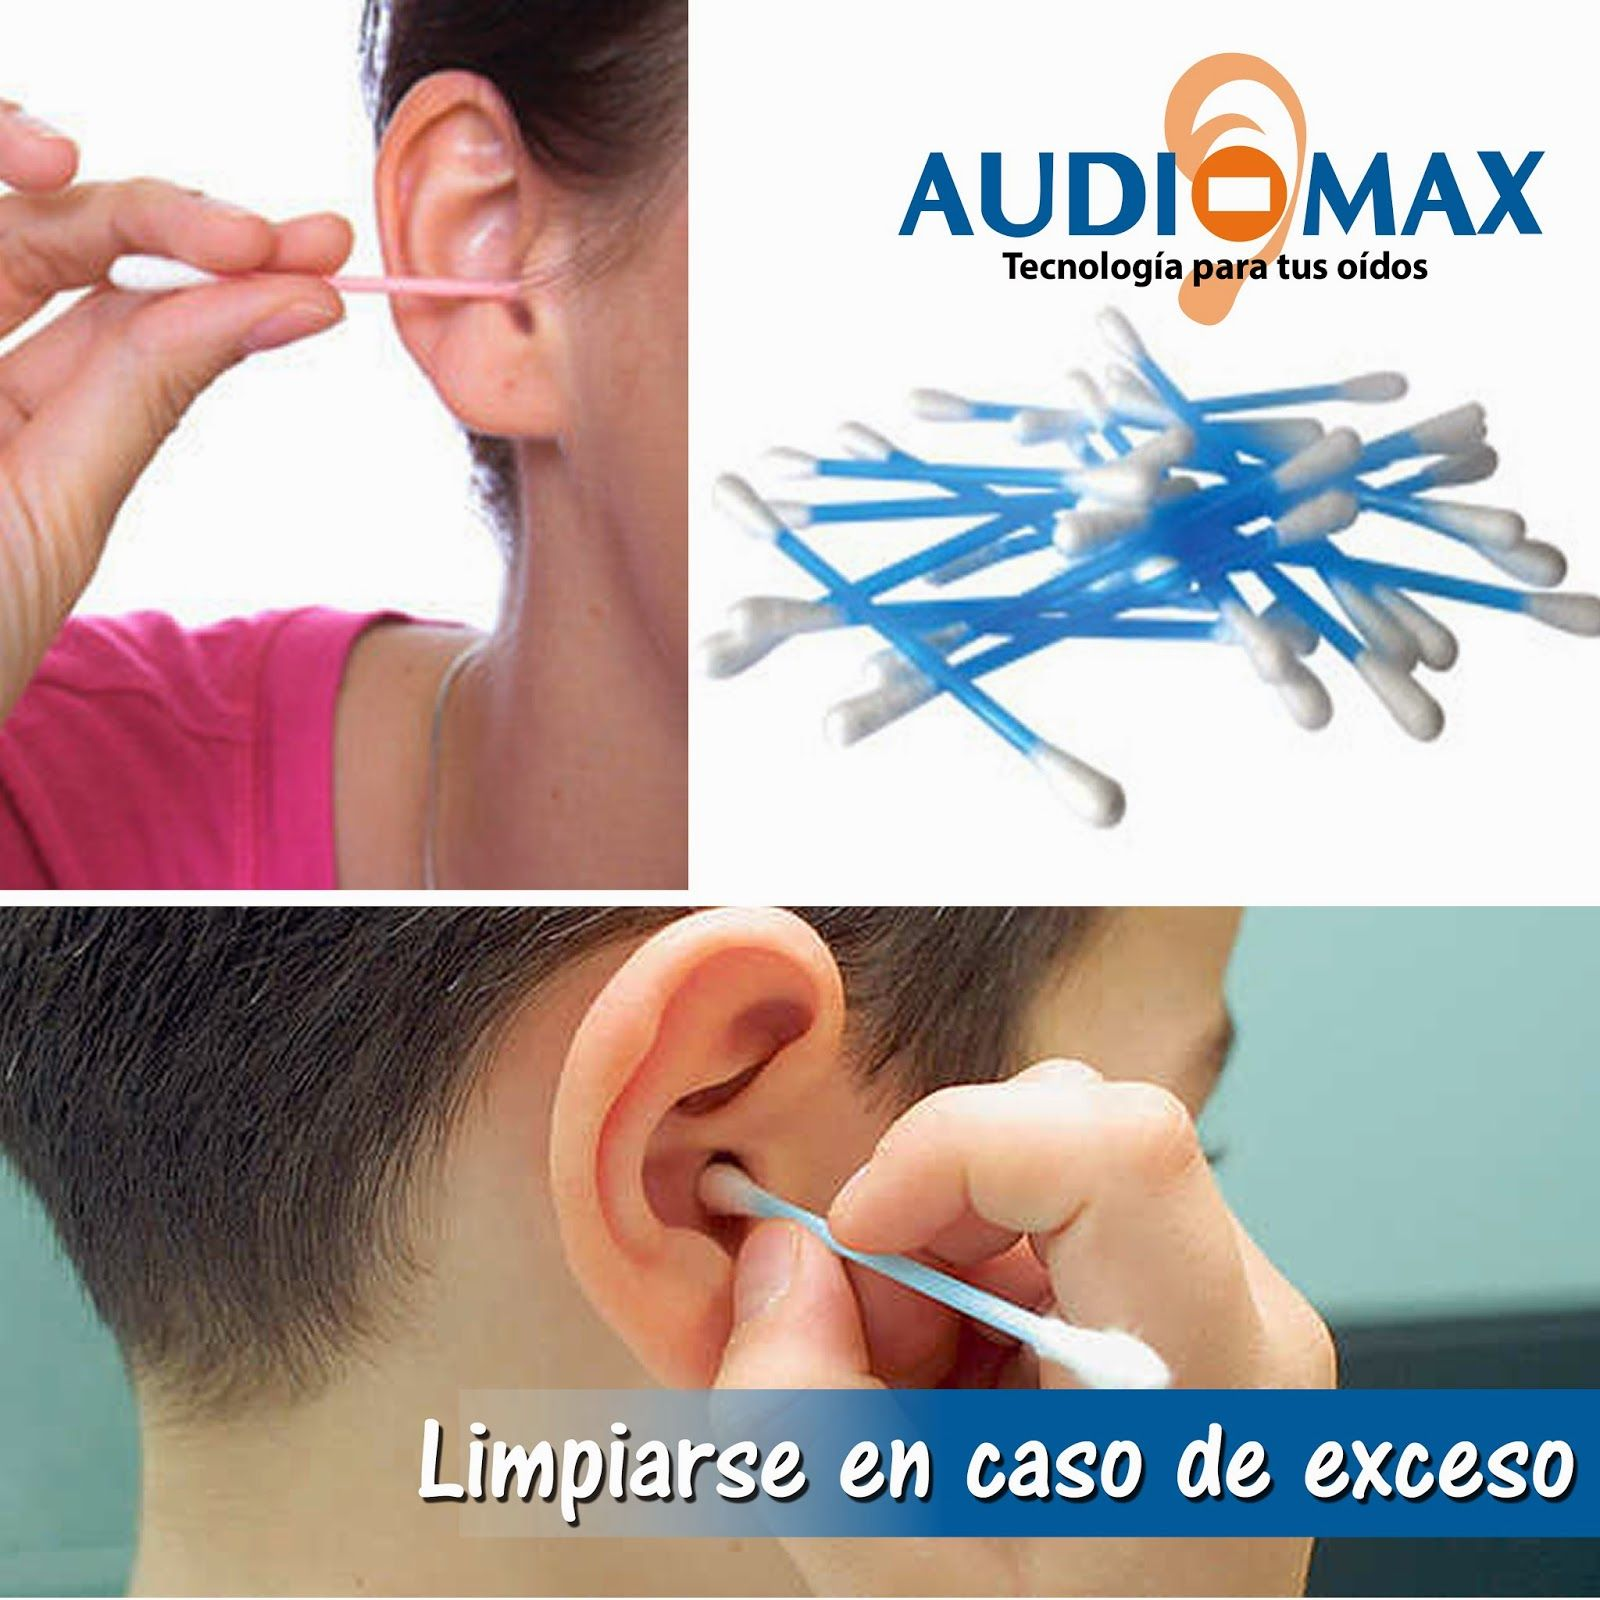 Audiomax: La cera de los oídos solo debe limpiarse en caso d...